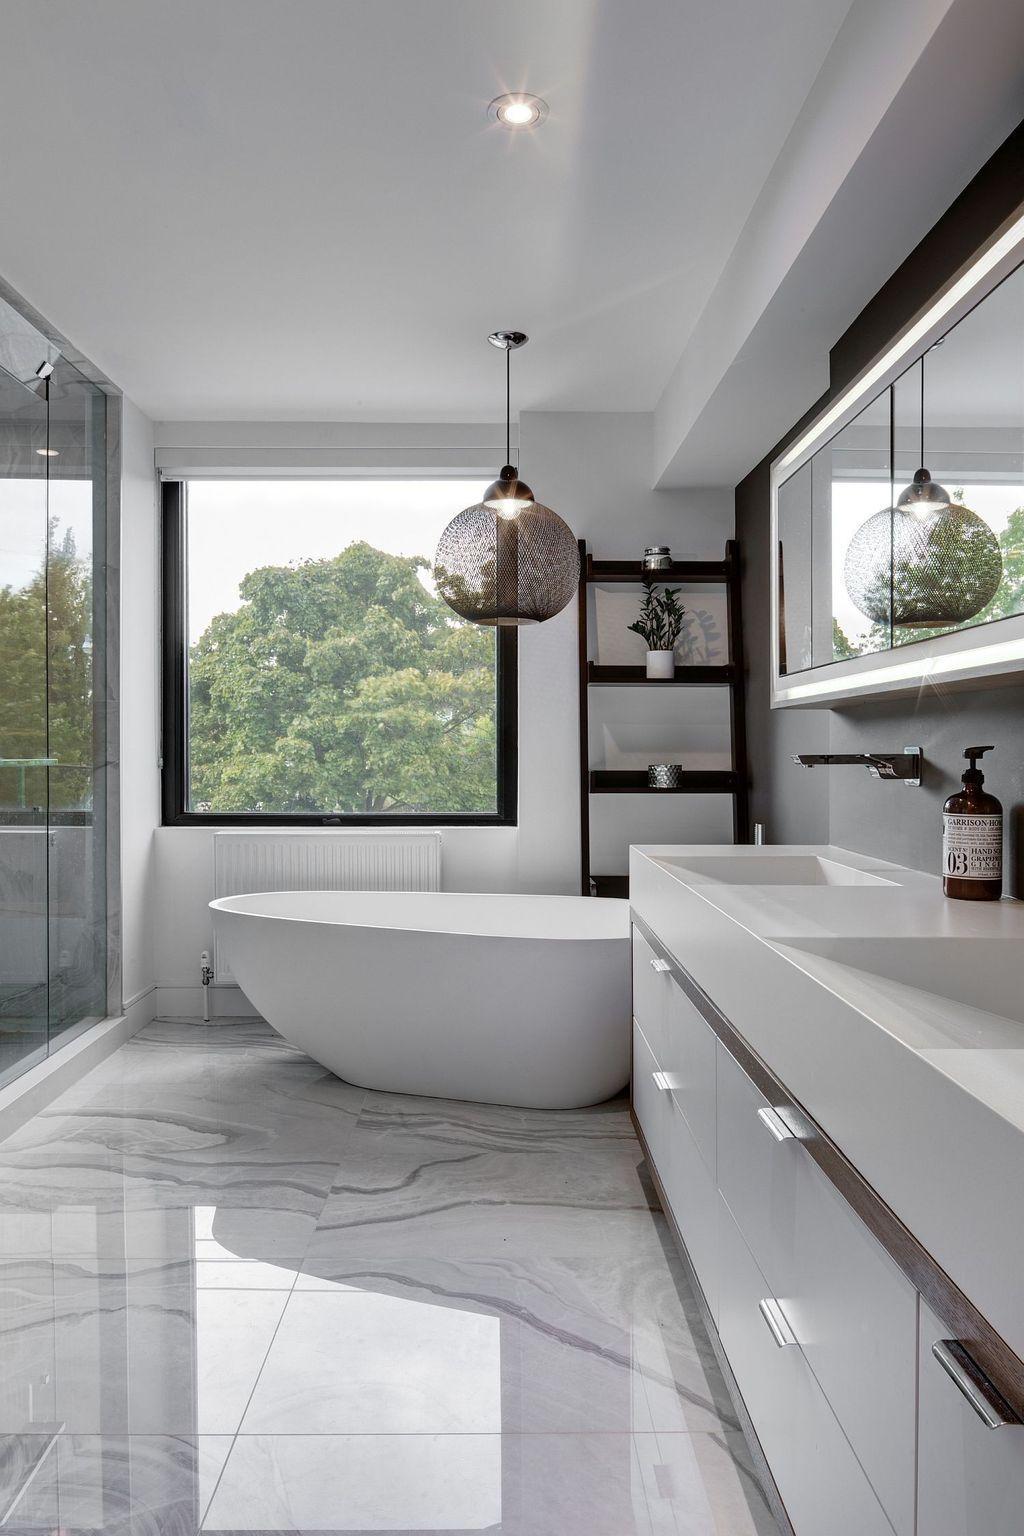 49 Bathroom Design Ideas Spring This Current Modern Home Interior Design Bathroom Interior Design Modern Bathroom Design Modern home bathroom design